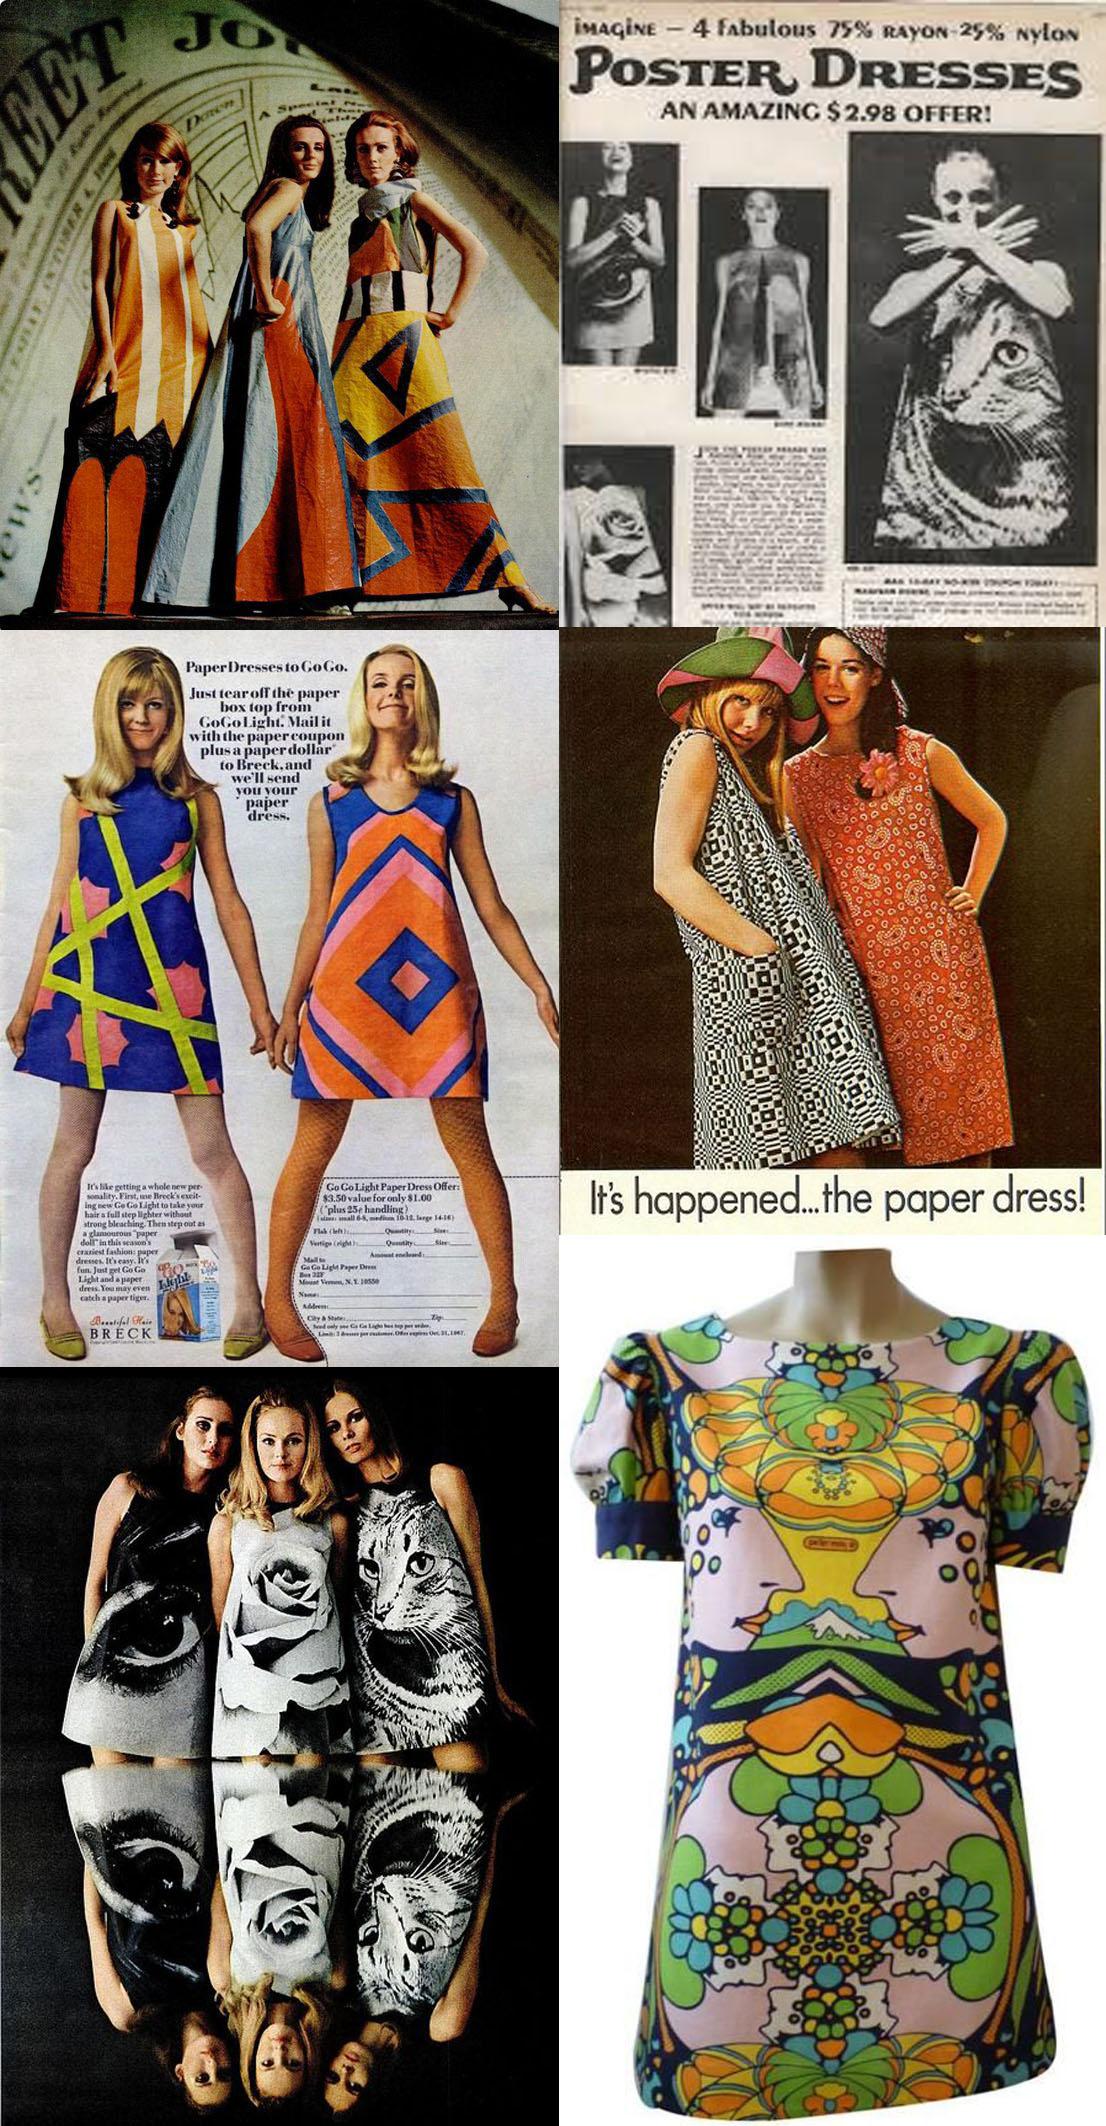 A Era Espacial dos anos 60 lançou os vestidos de papel que foram os percussores do fast fashion stylo urbano-1